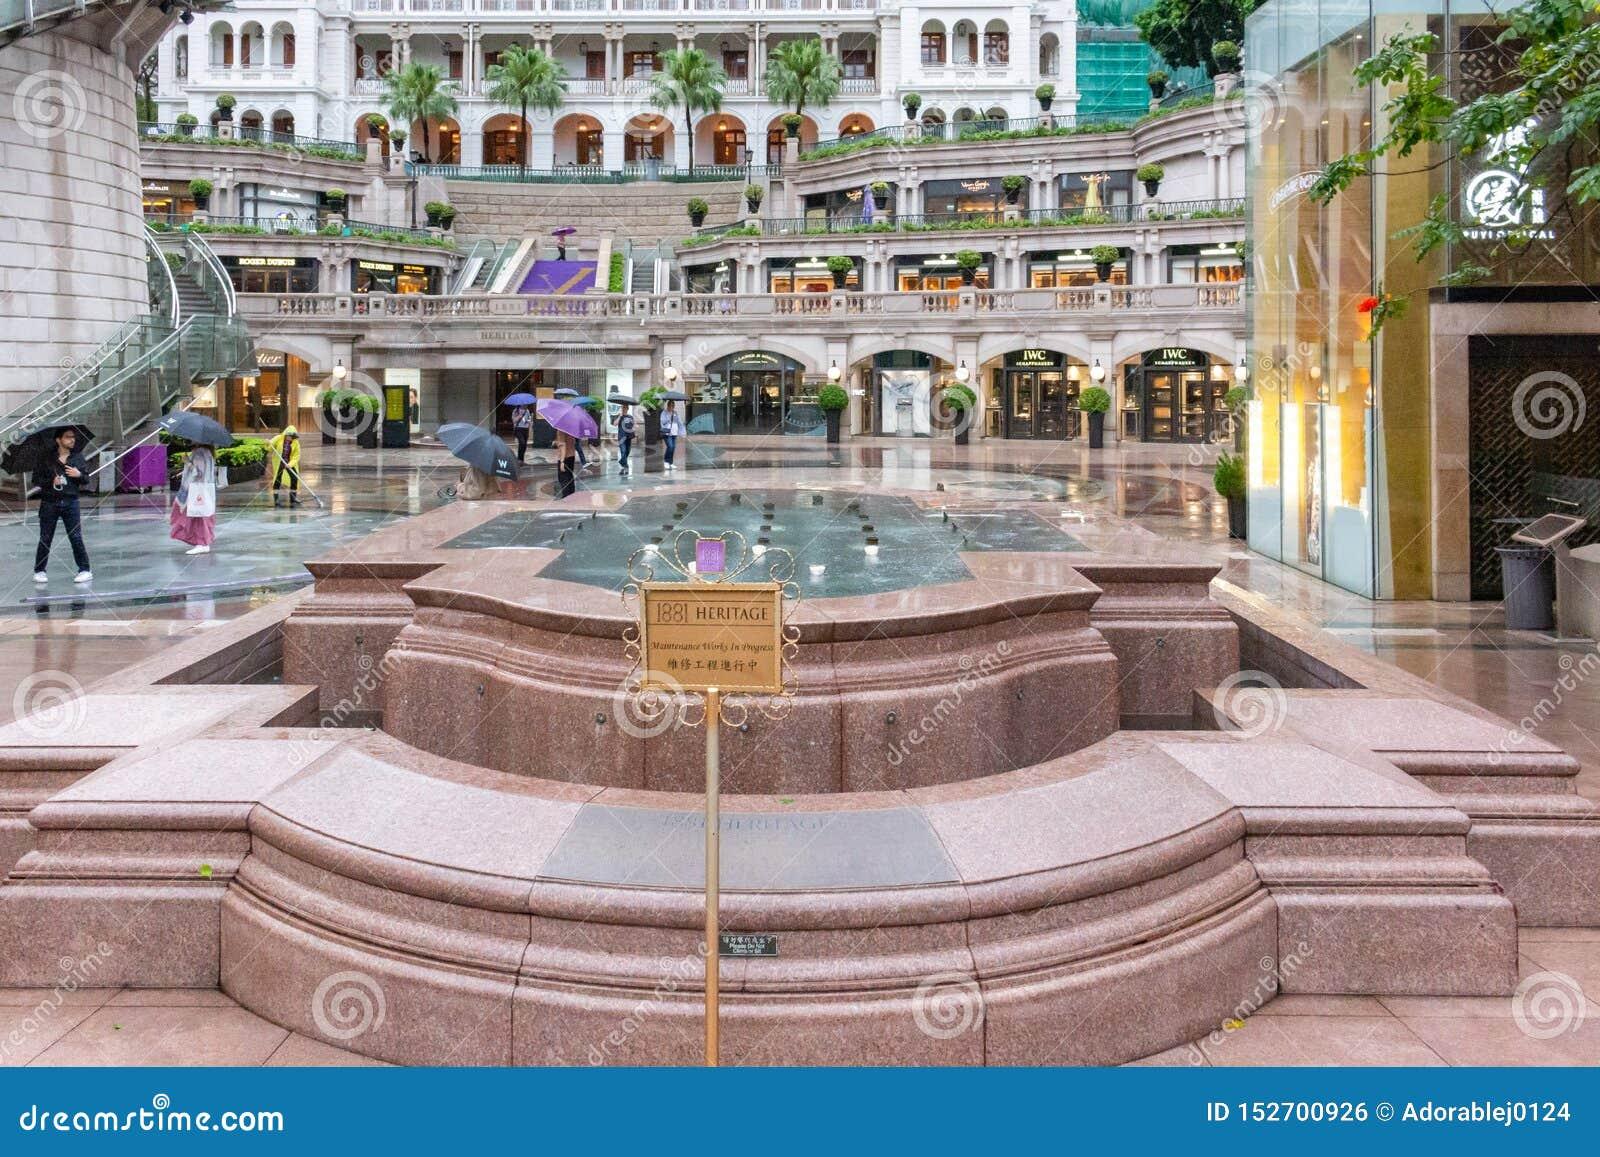 Centro comercial 1881 de la herencia en Tsim Sha Tsui, Kowloon, Hong Kong